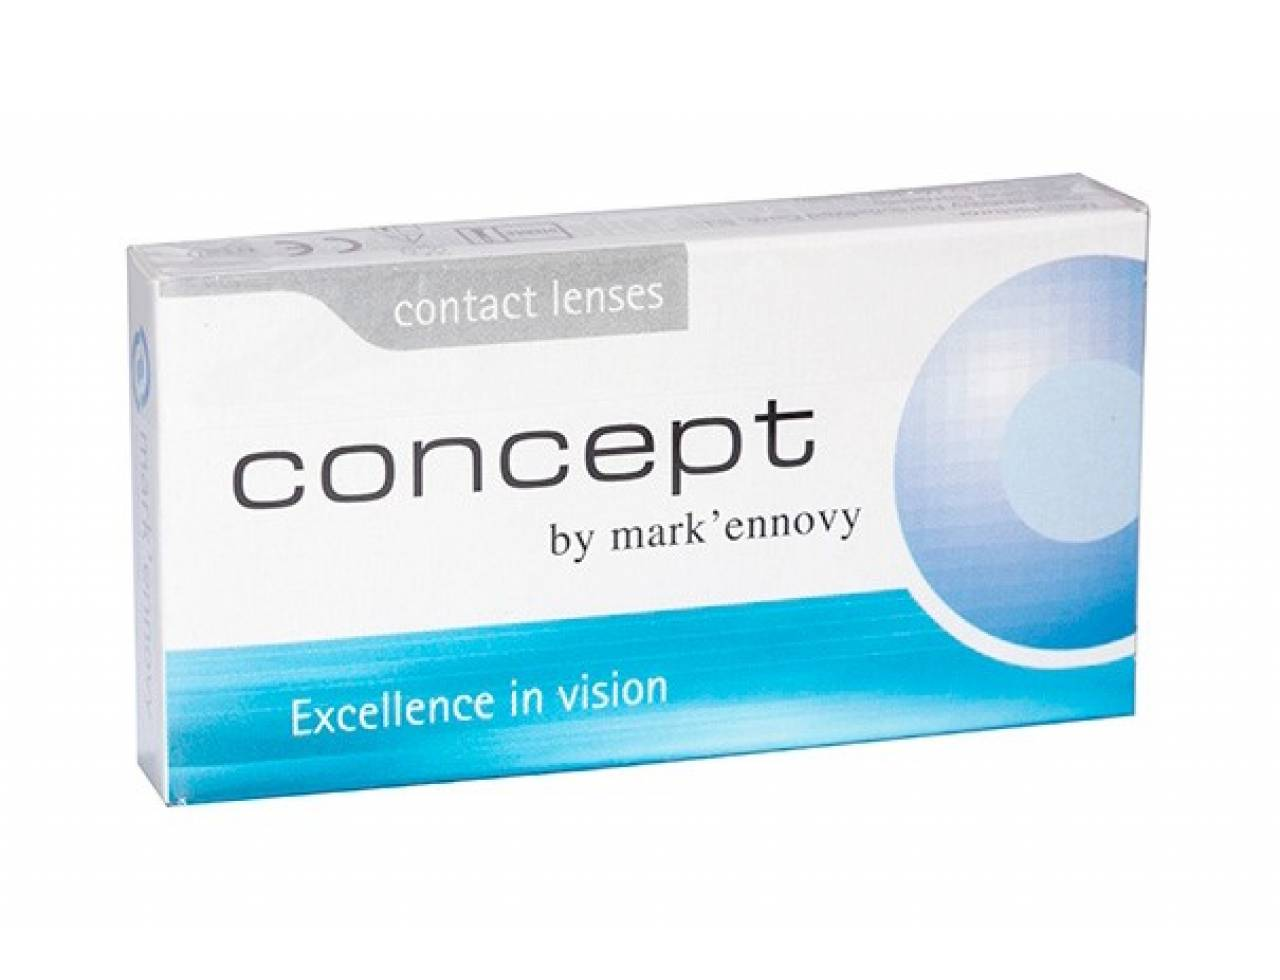 Месячные контактные линзы Mark`ennovy Concept - Фото №7